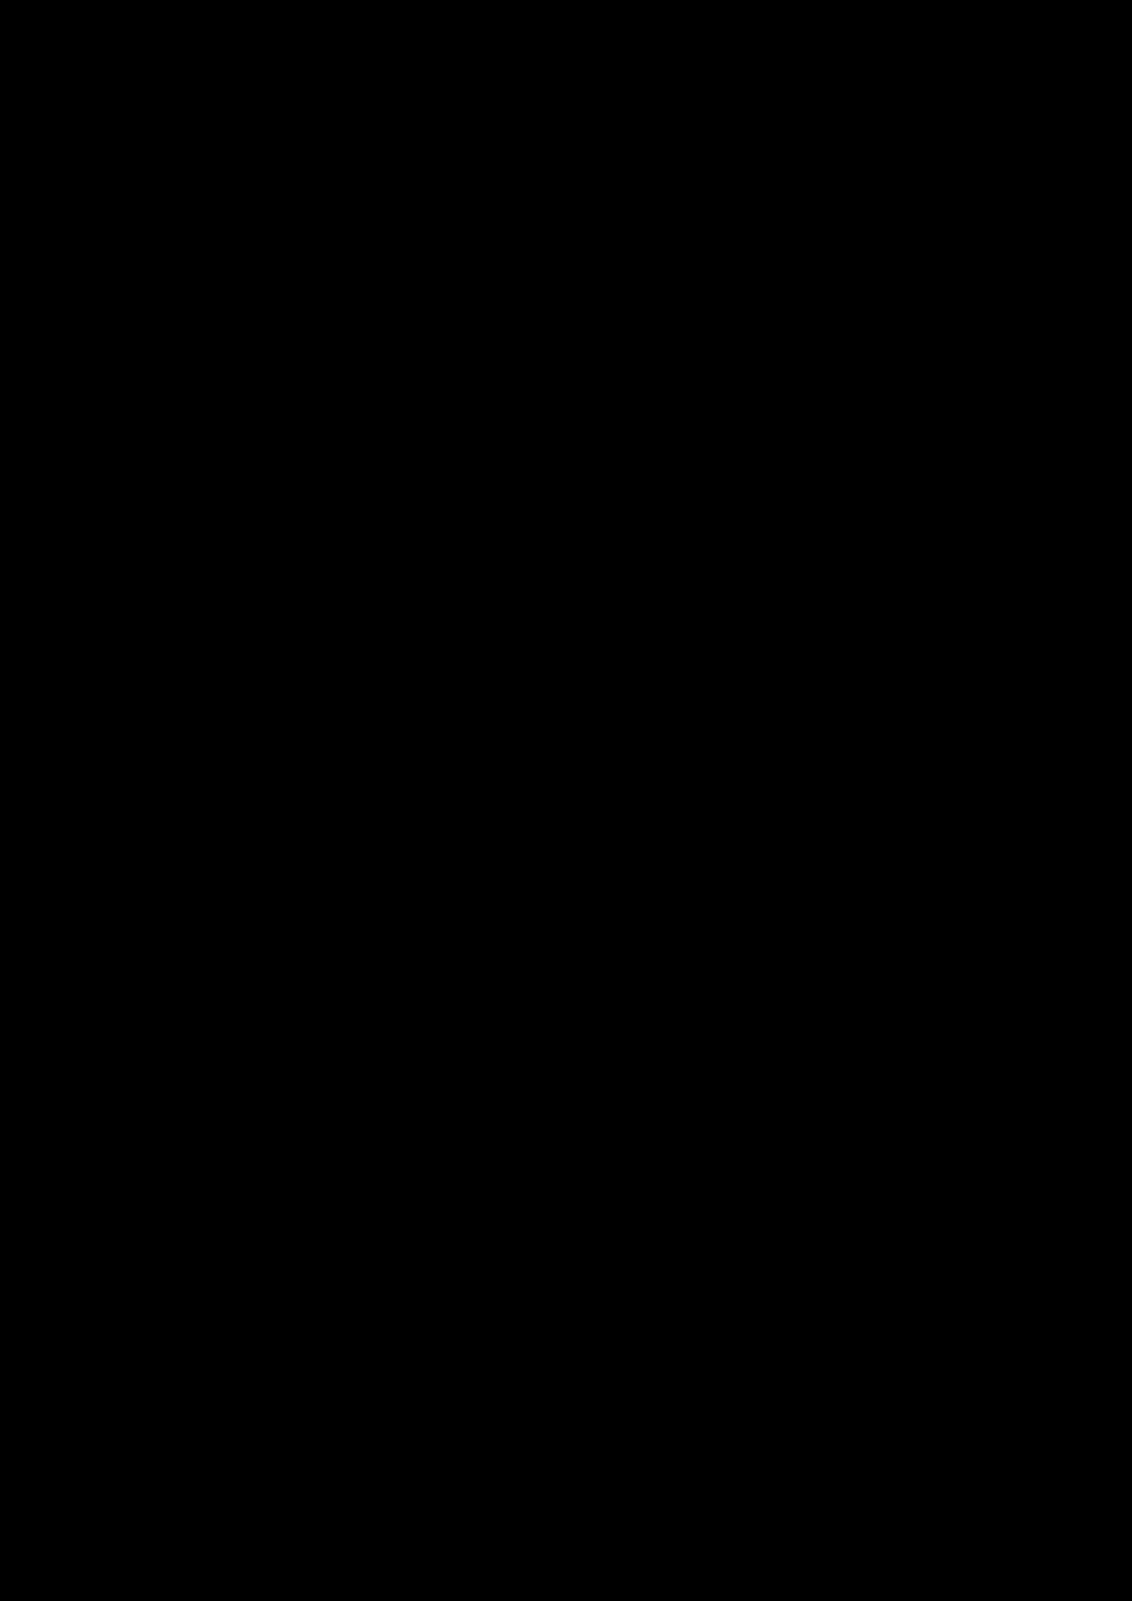 Proschanie s volshebnoy stranoy slide, Image 93